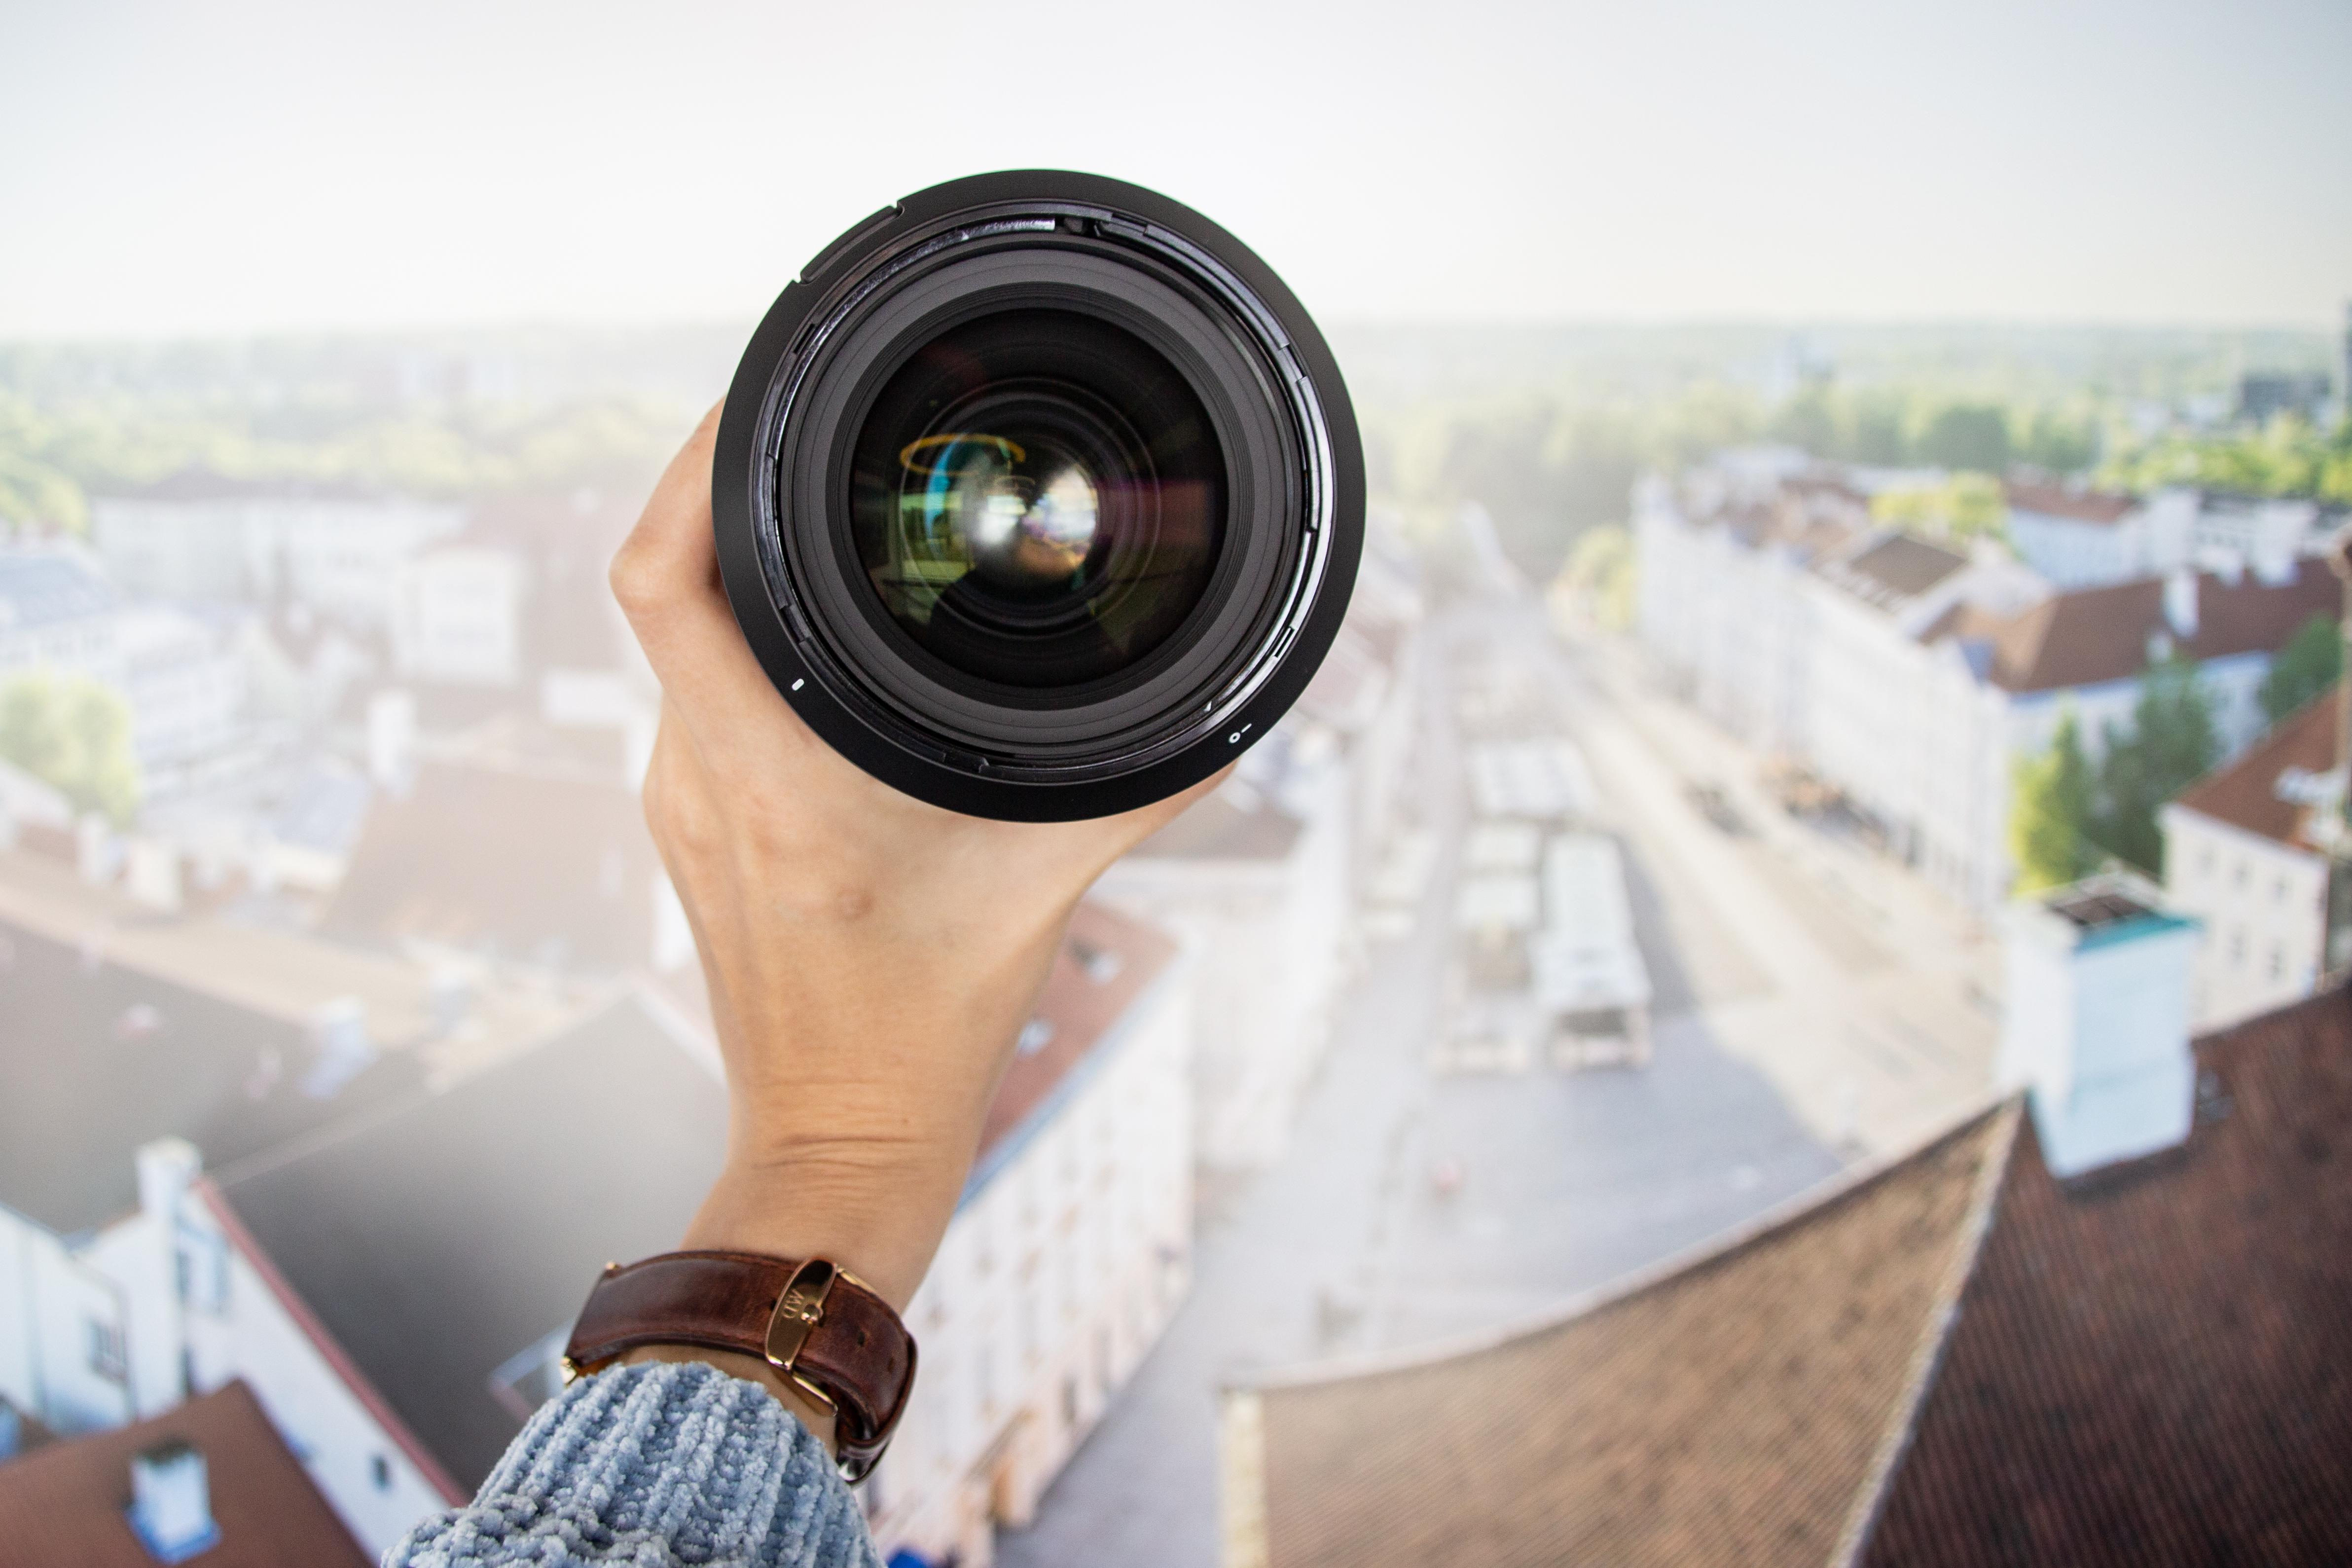 Käed küljes: Uus Tamroni fiksobjektiiv 35mm F/1.4 Di USD Nikoni ja Canoni peegelkaameratele